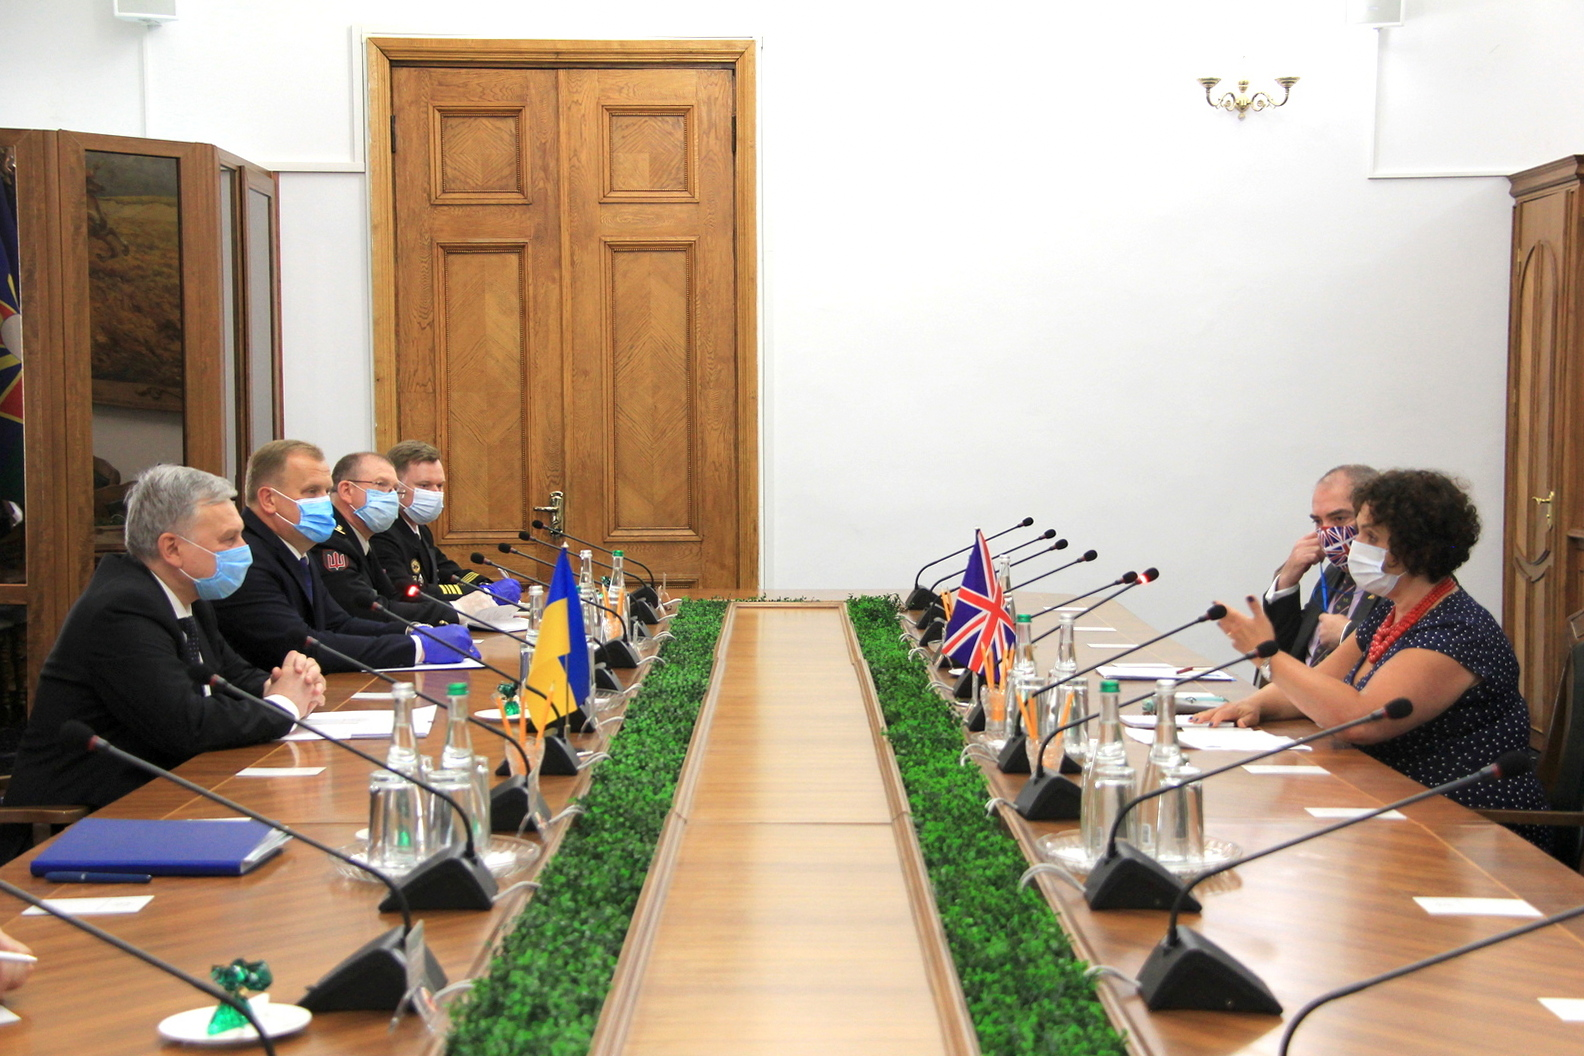 Відбулась зустріч Міністра оборони України з Надзвичайним і Повноважним Послом Великої Британії в Україні